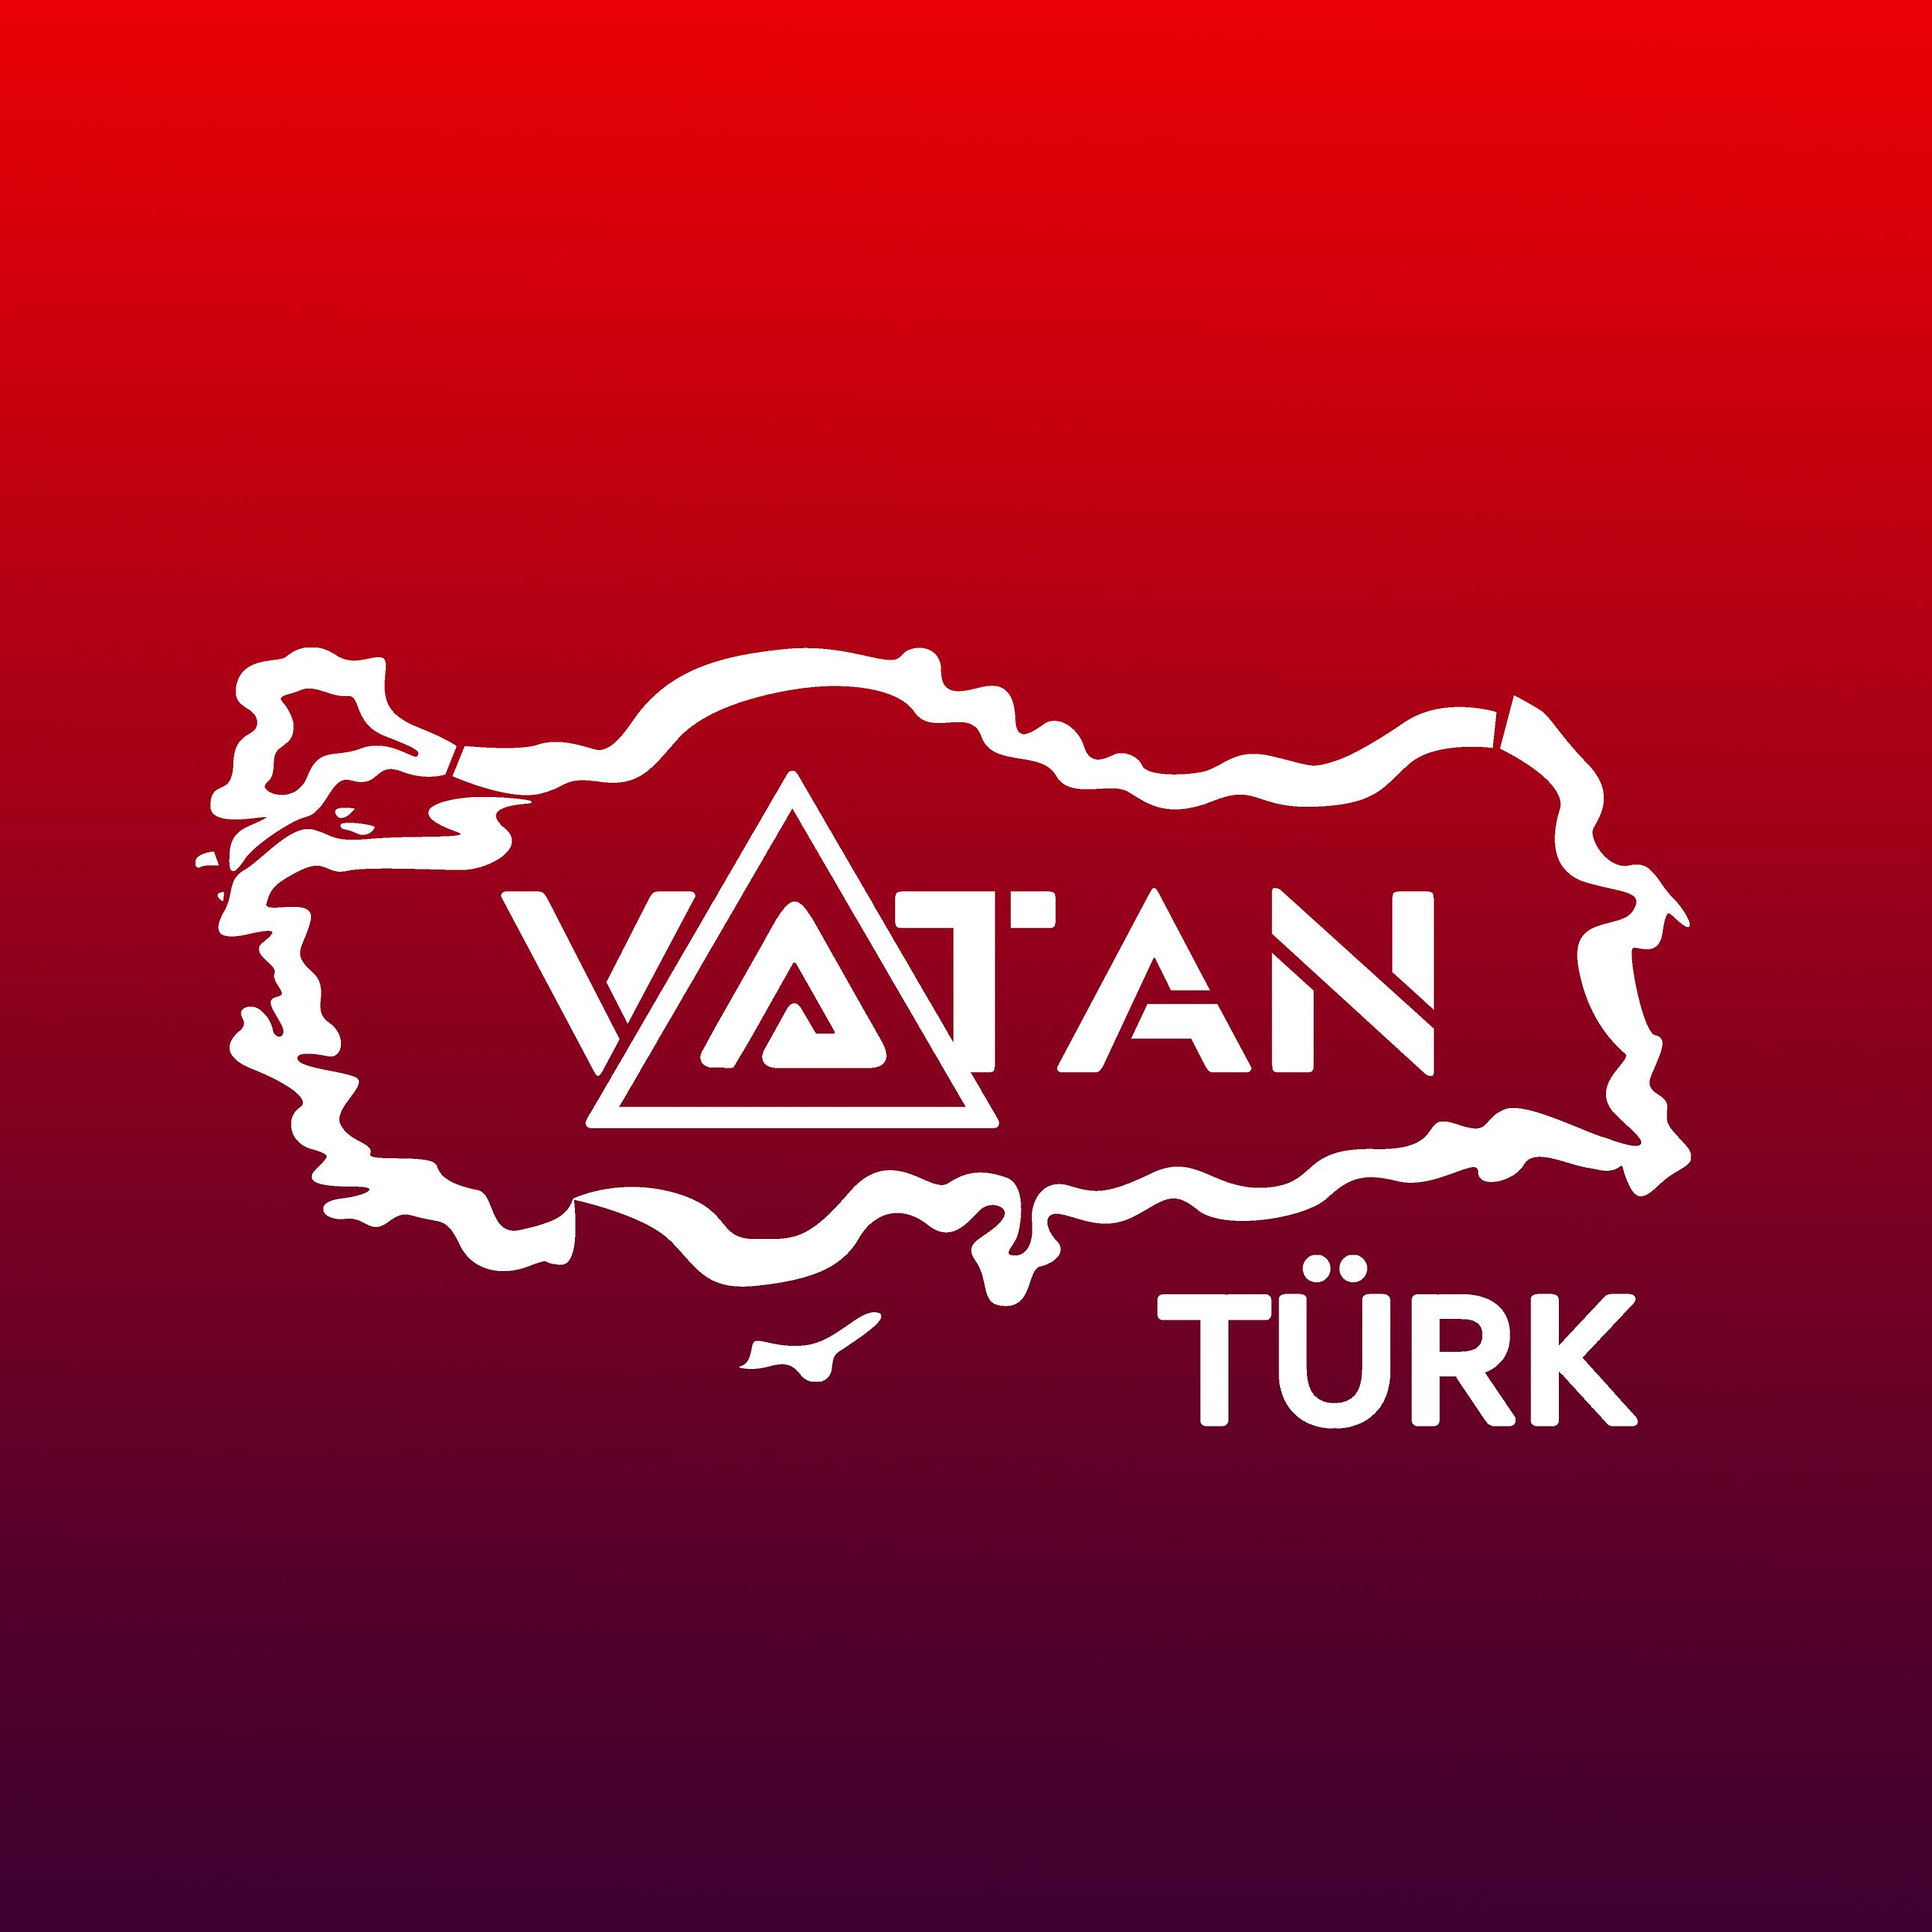 VatanTürk